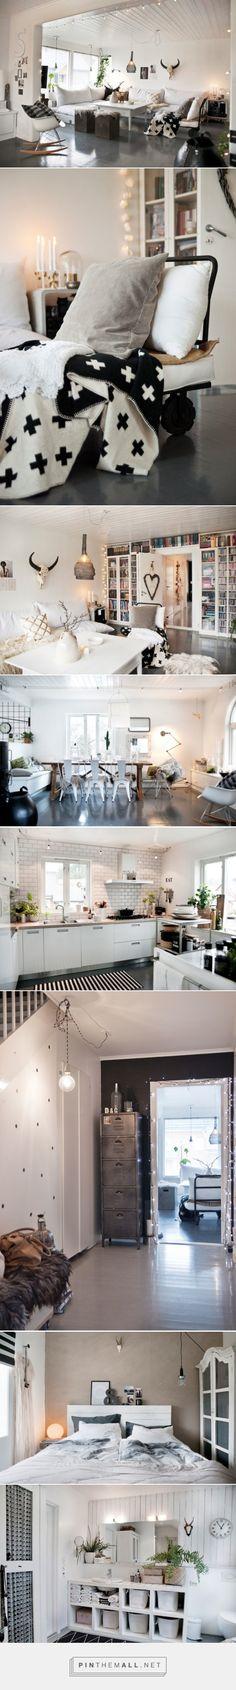 Un Noël norvégien plein de délicatesse   PLANETE DECO a homes world... - a grouped images picture - Pin Them All